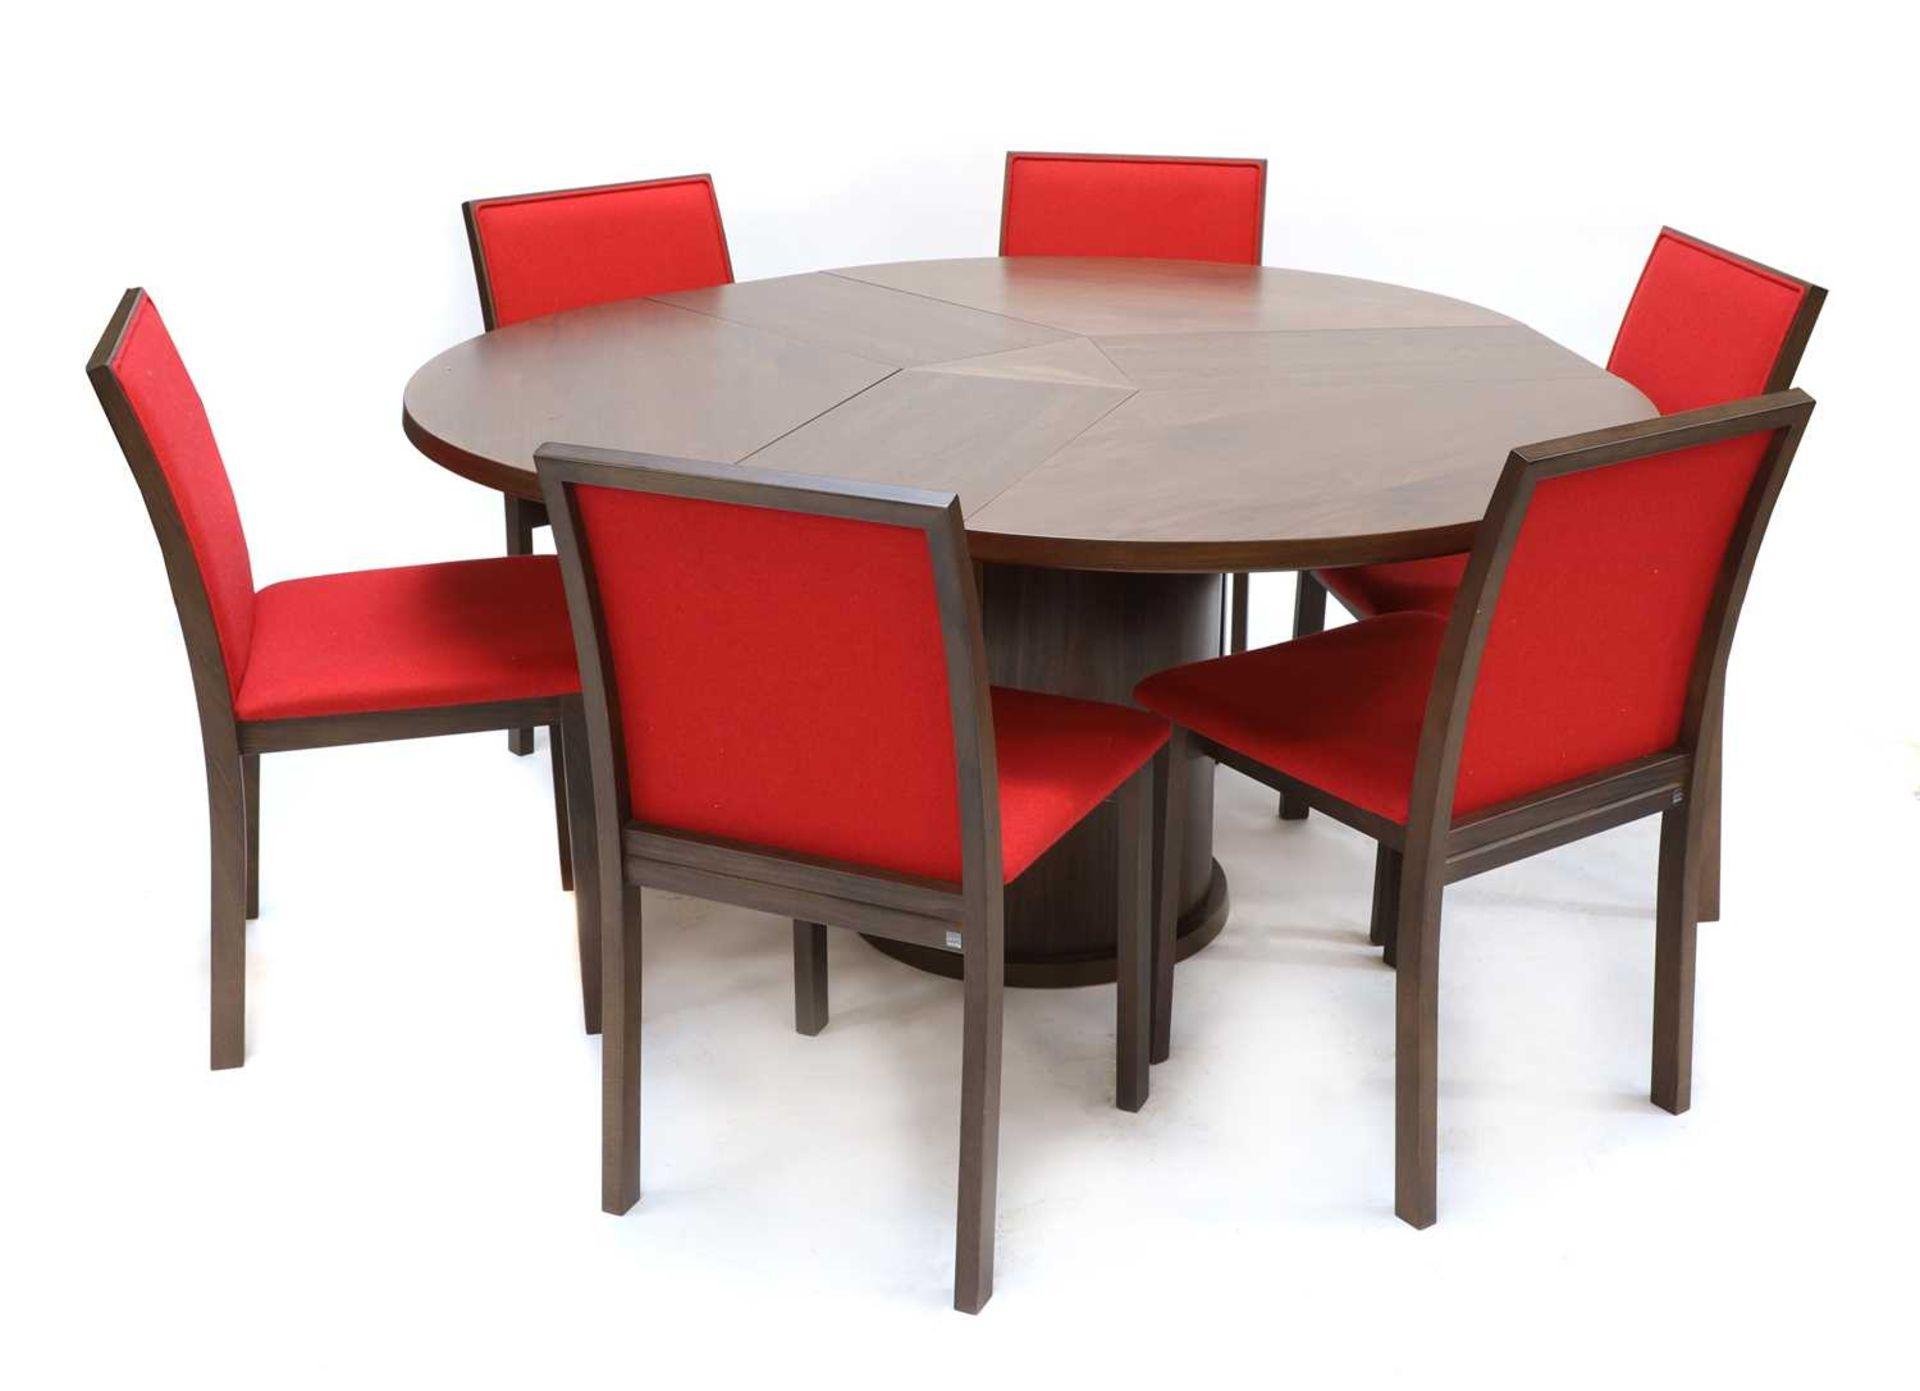 A Skovby 'Confide' walnut veneered extending circular dining table